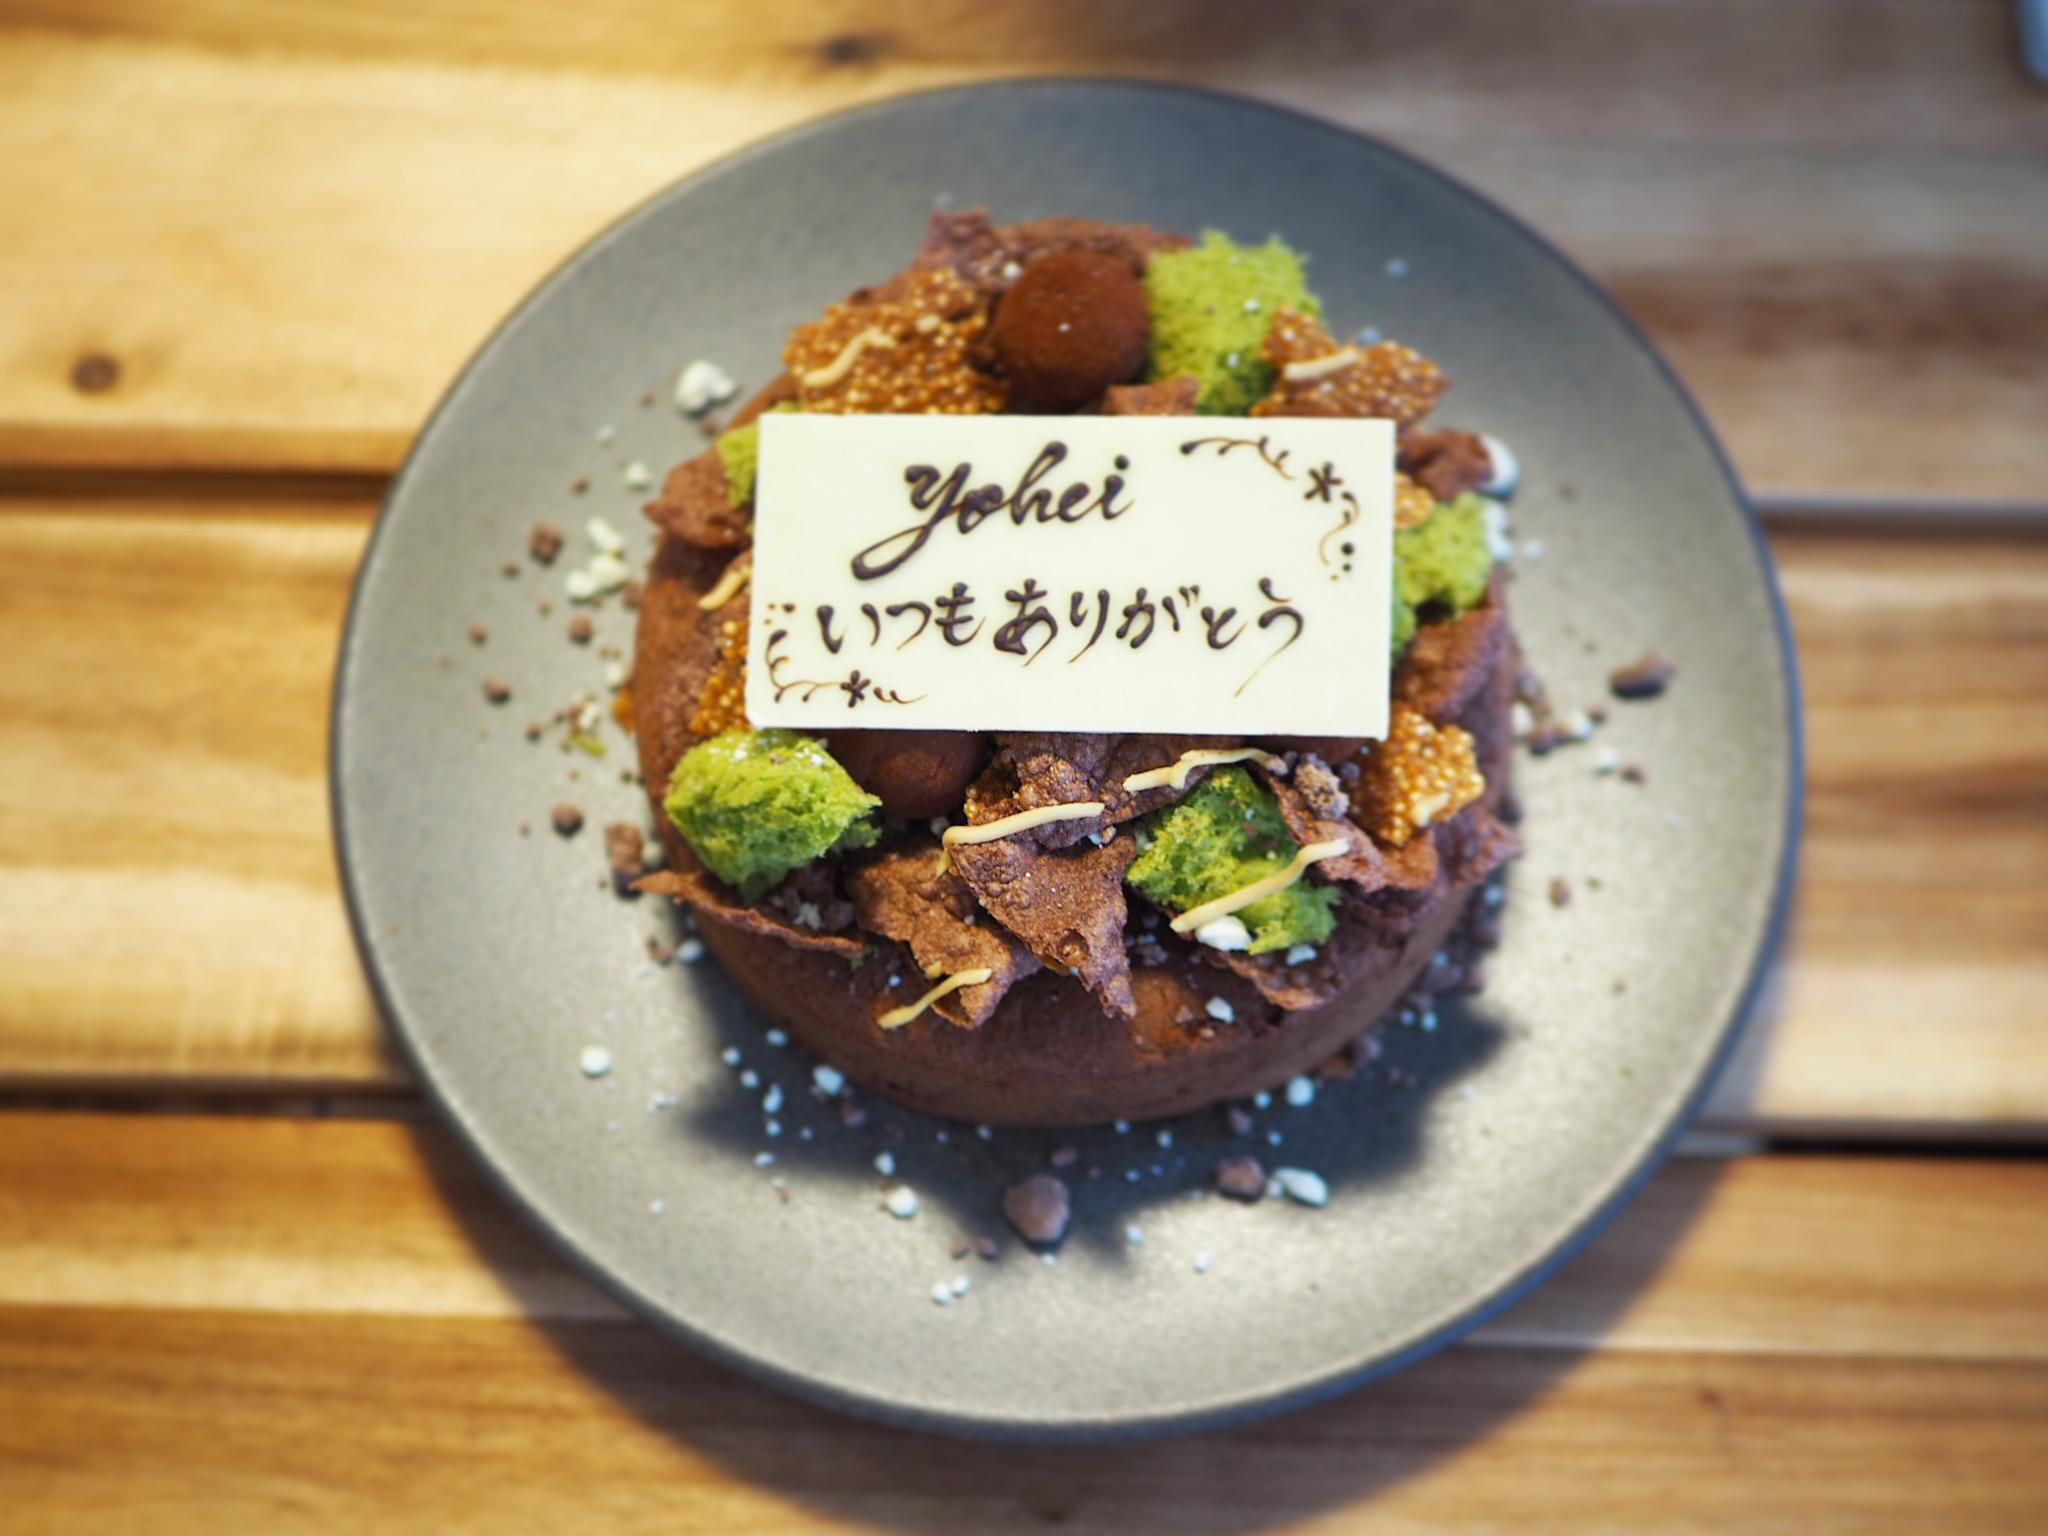 【#IWAIのお祝いご飯便】ギフトにも◎楽しいを味わう《体験型お祝いケーキ》が素敵!_7